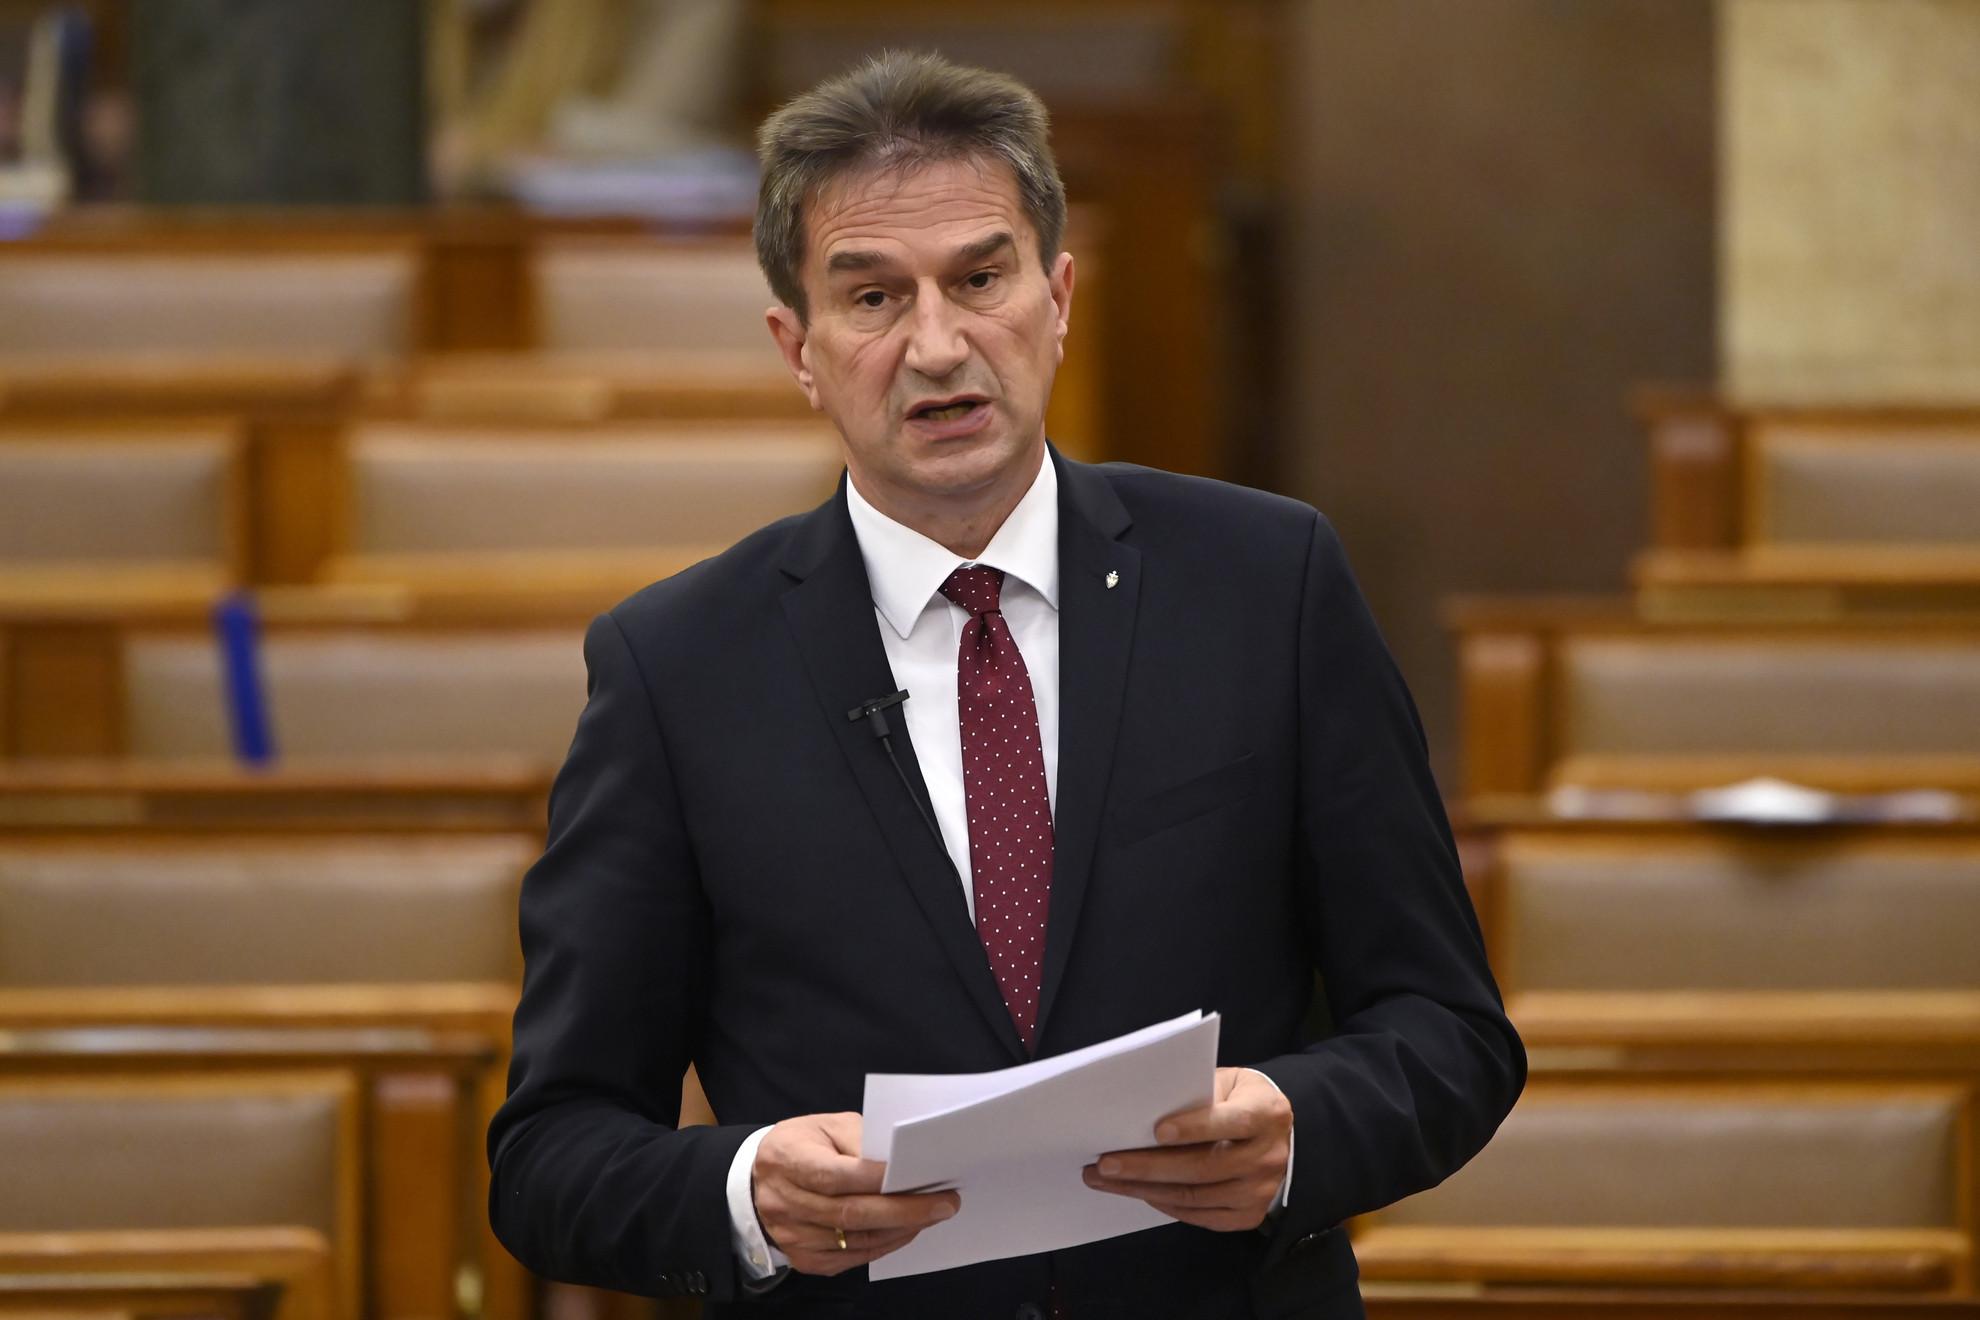 Völner Pál, az Igazságügyi Minisztérium parlamenti államtitkára expozét tart a koronavírus-világjárvány elleni védekezésről szóló 2021. évi I. törvény módosításáról szóló javaslat általános vitájában az Országgyűlés plenáris ülésén 2021. április 29-én